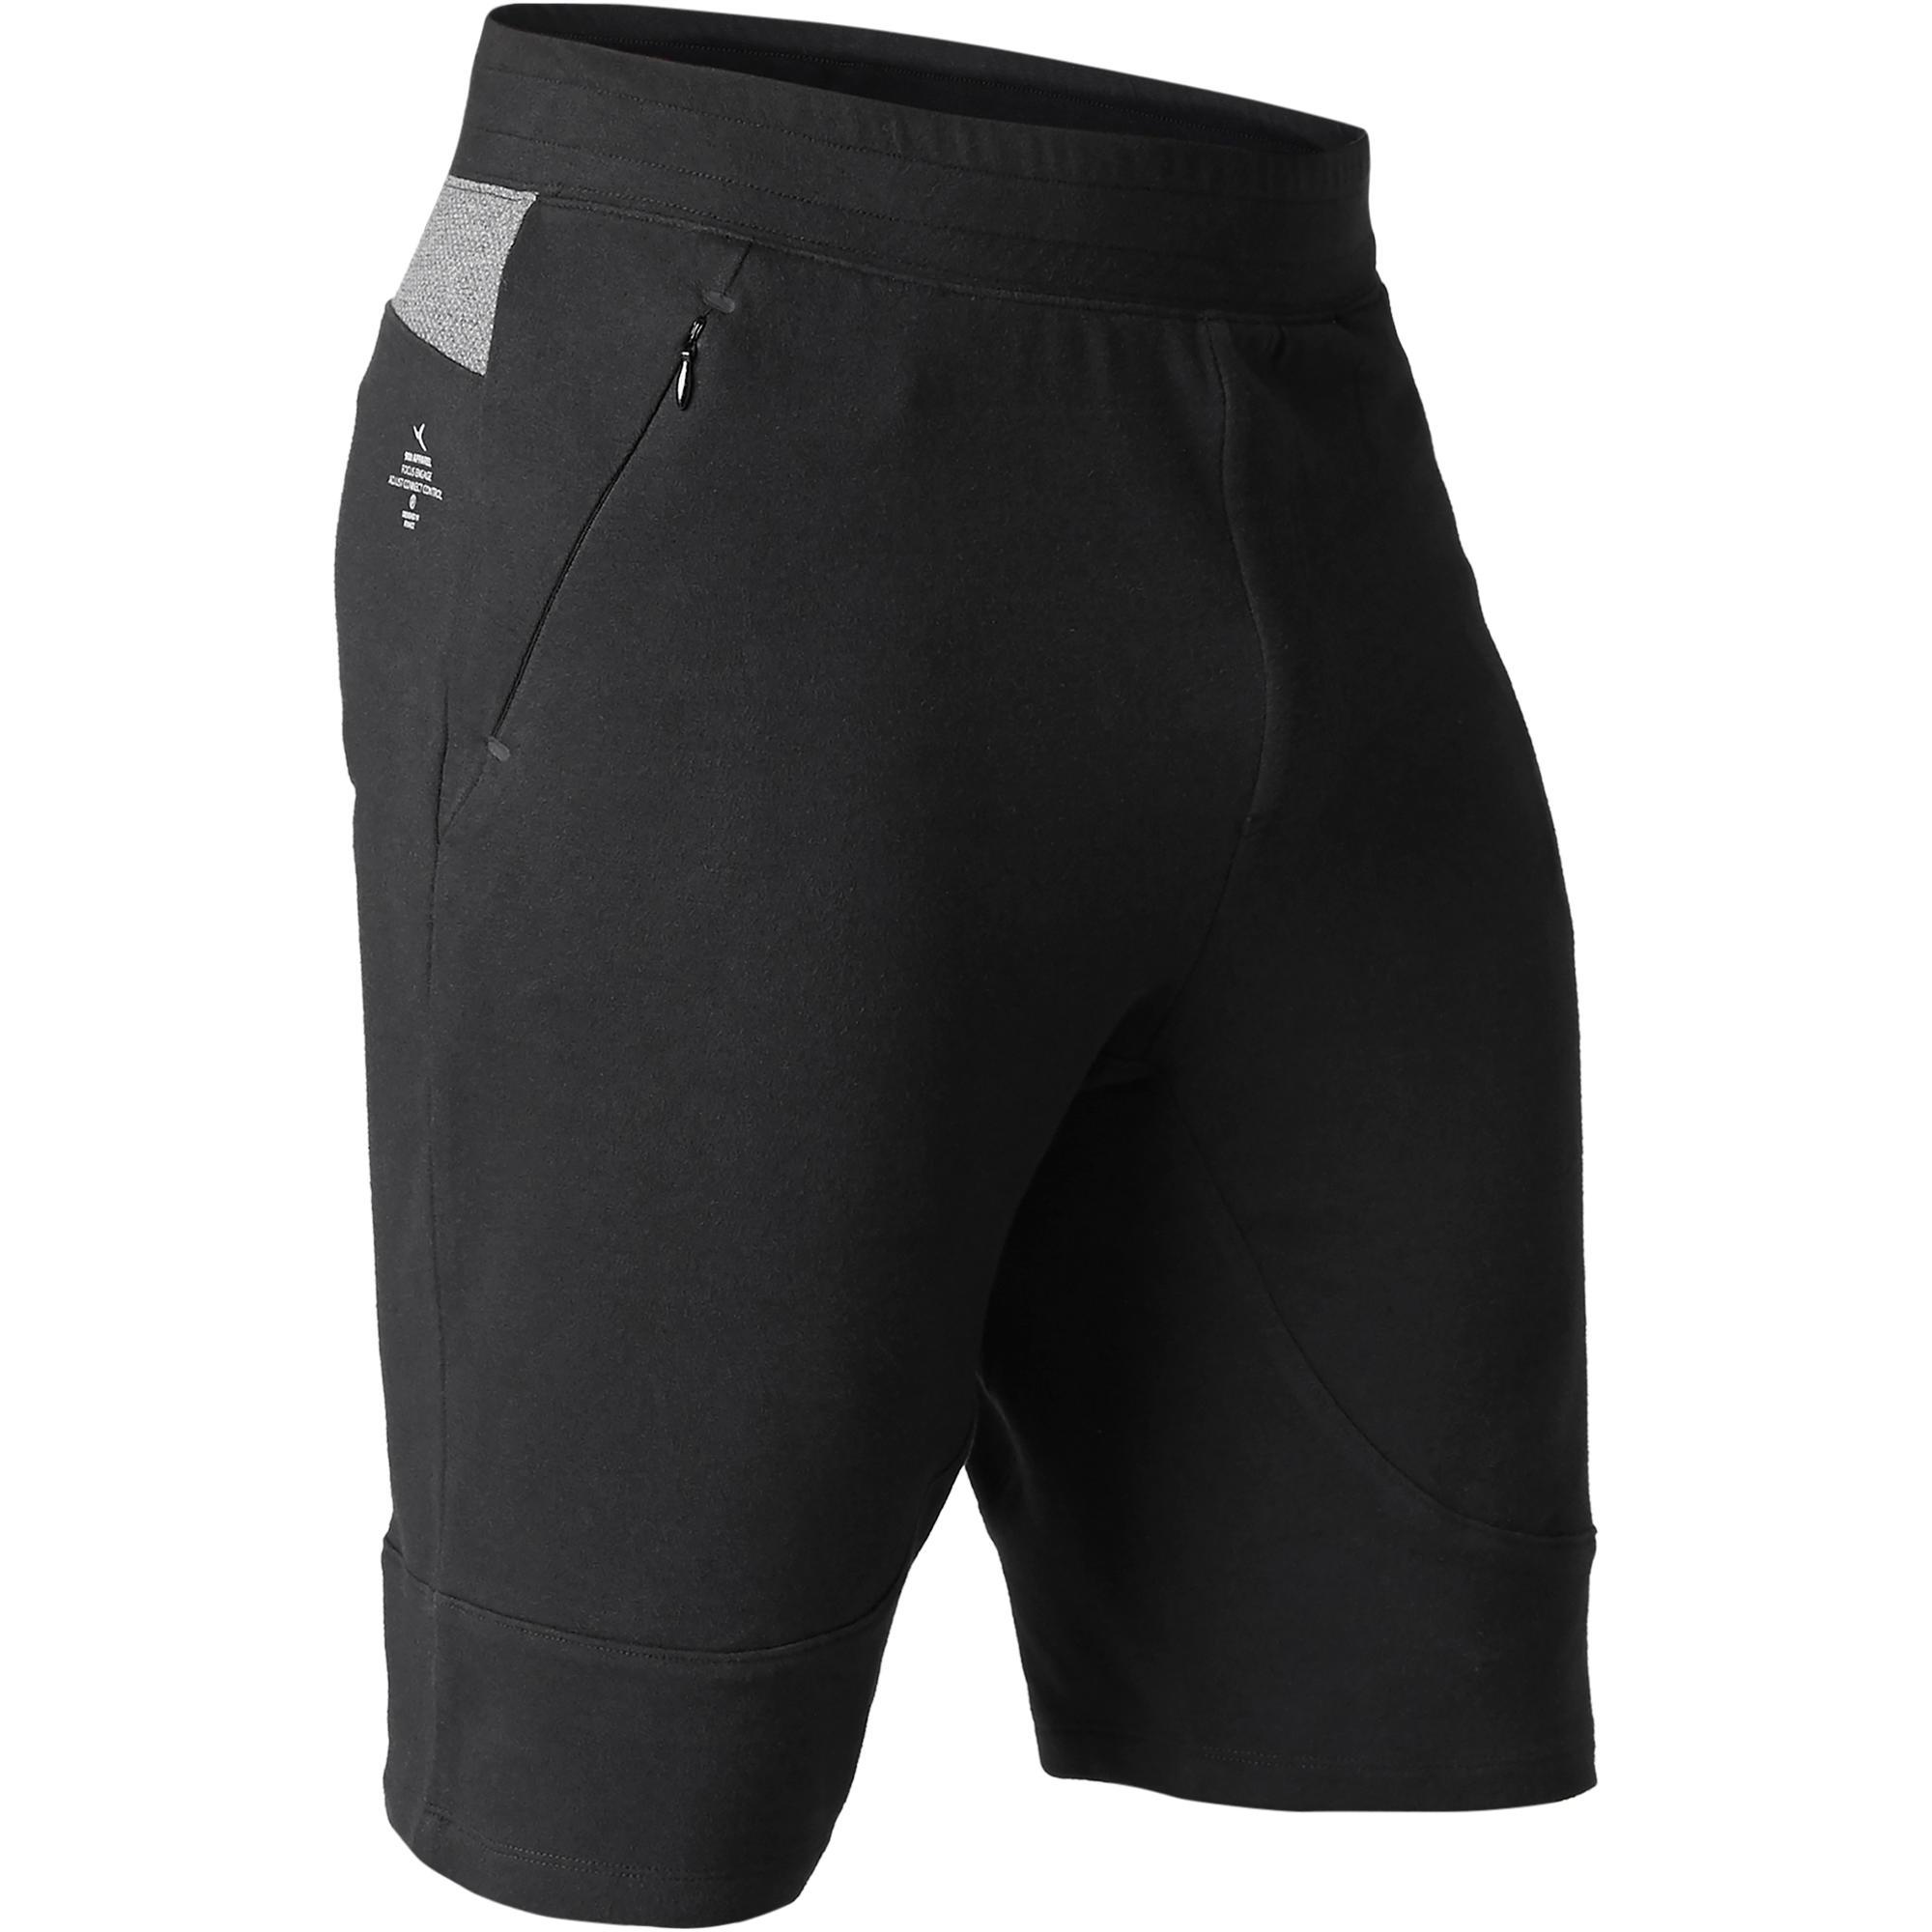 Short 560 slim largo sobre las rodillas Pilates y Gimnasia suave negro hombre